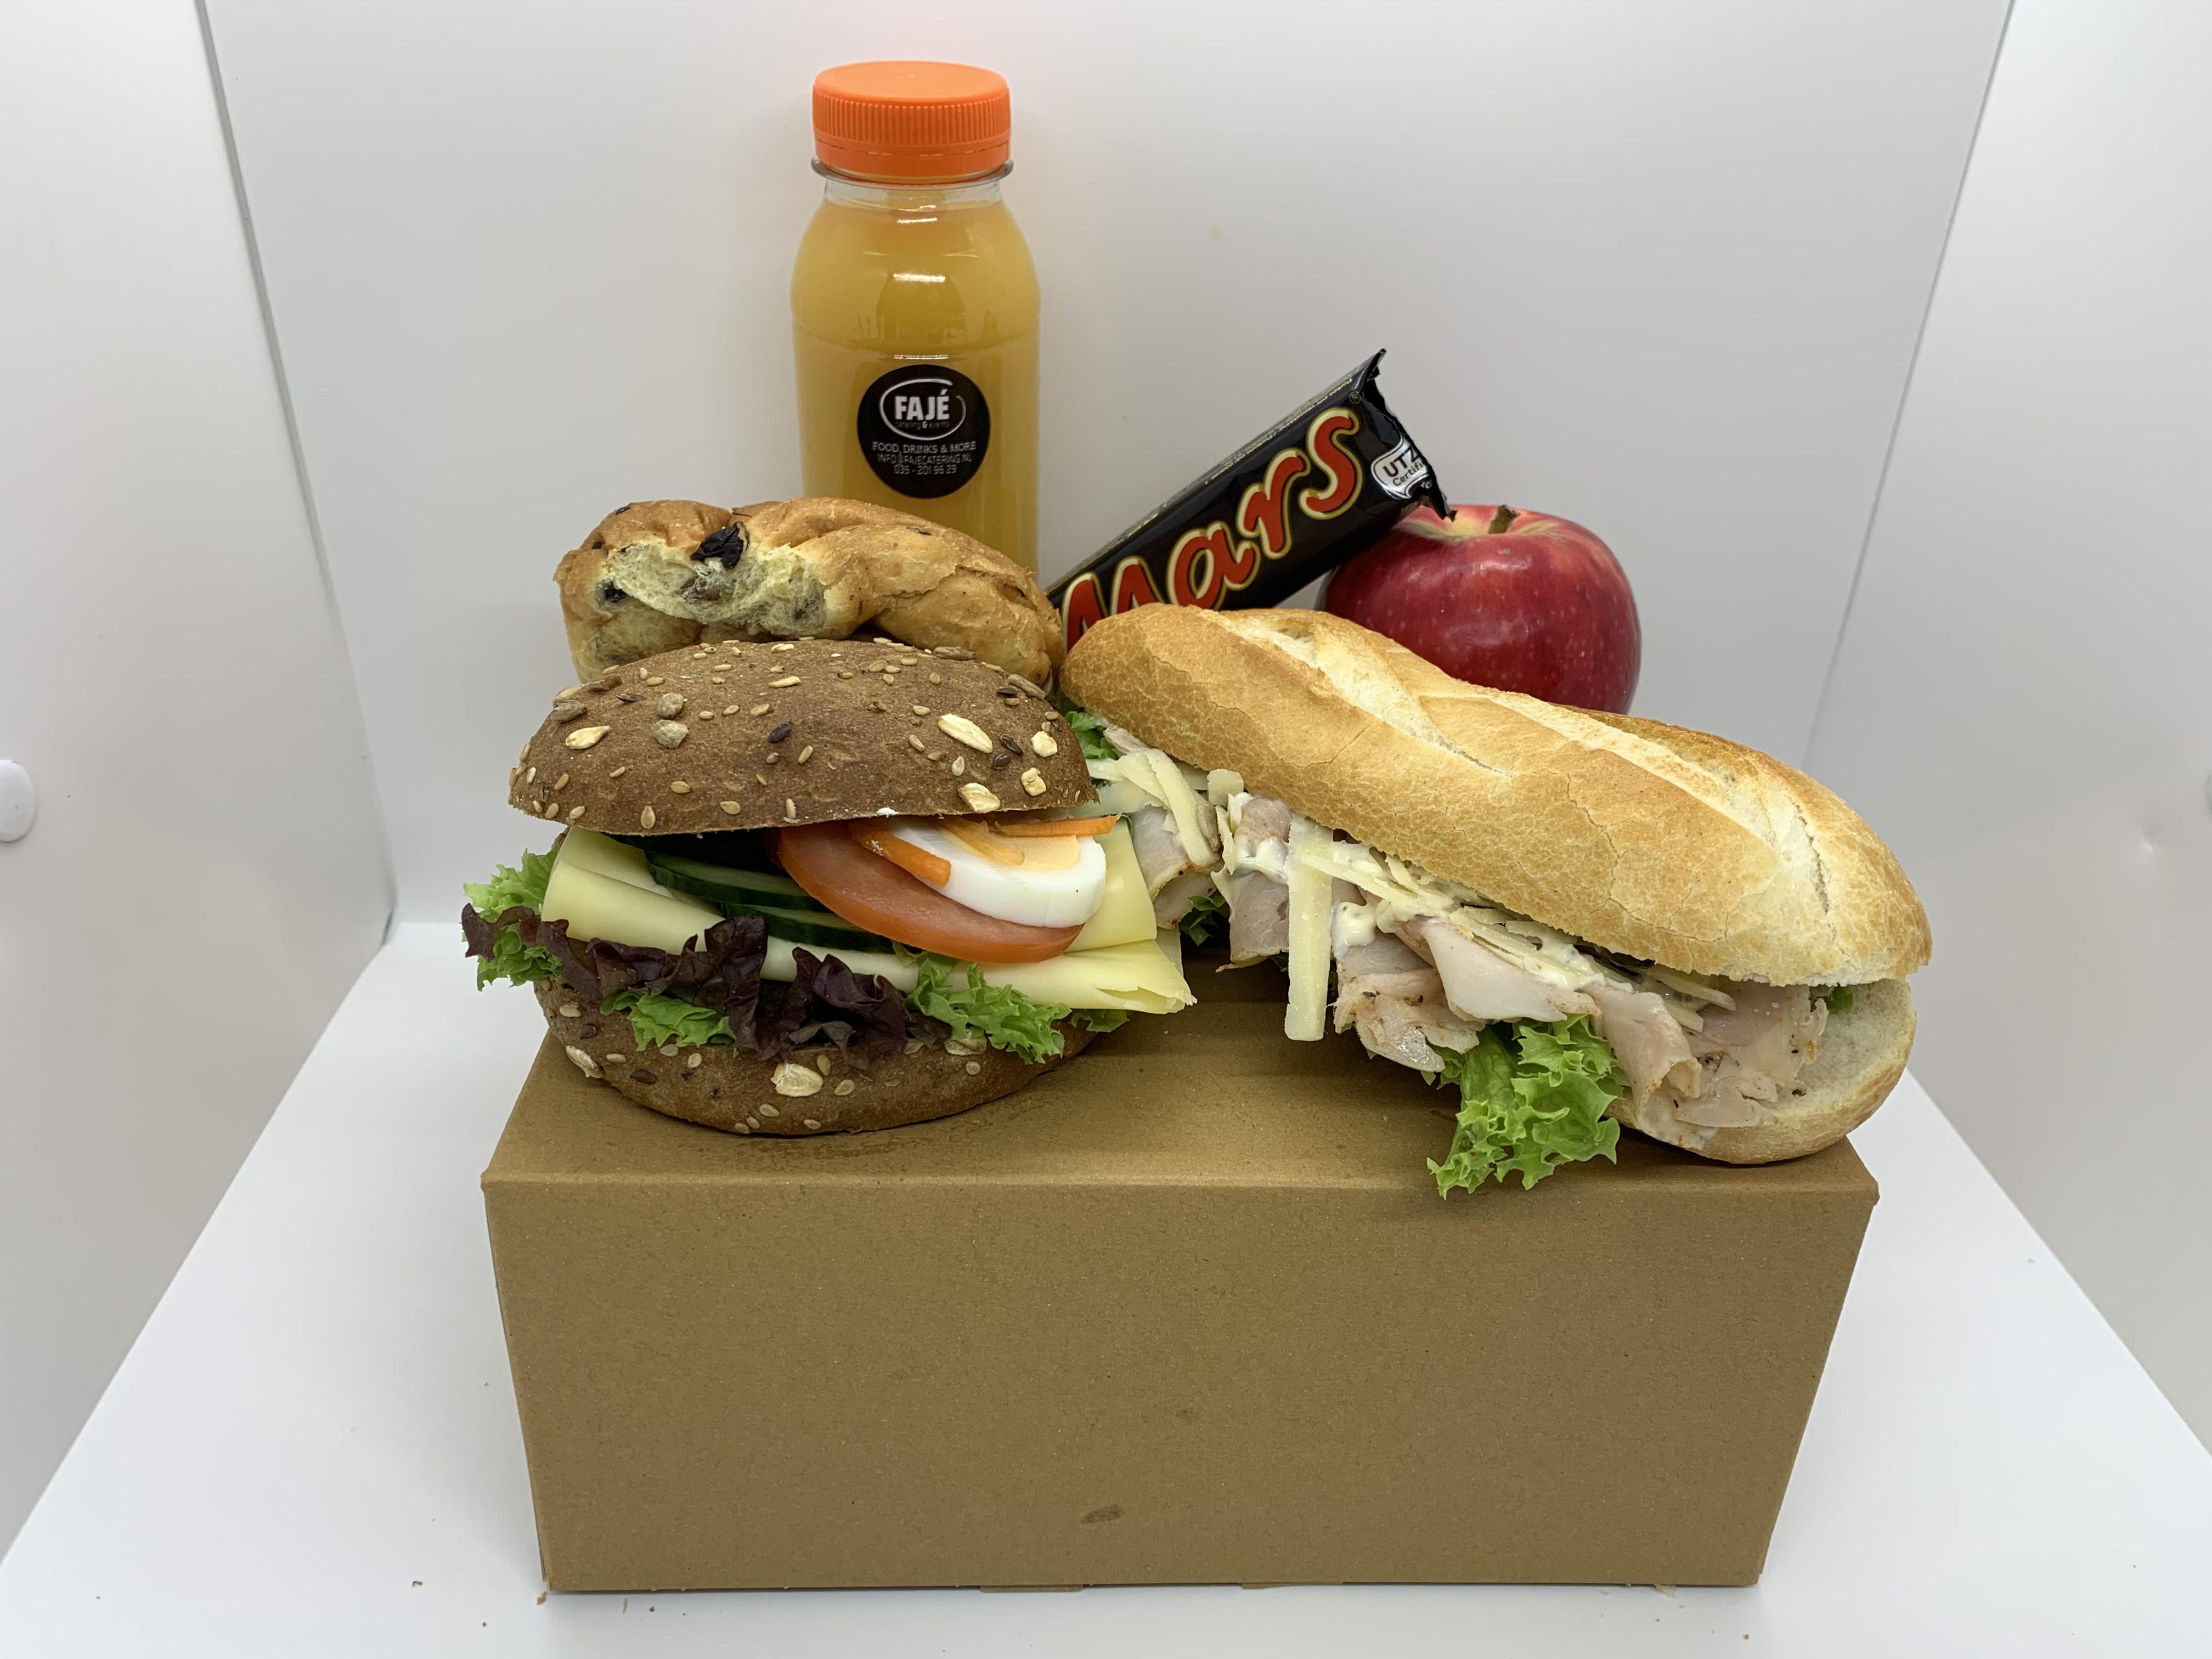 Lunchpakket uitgebreid